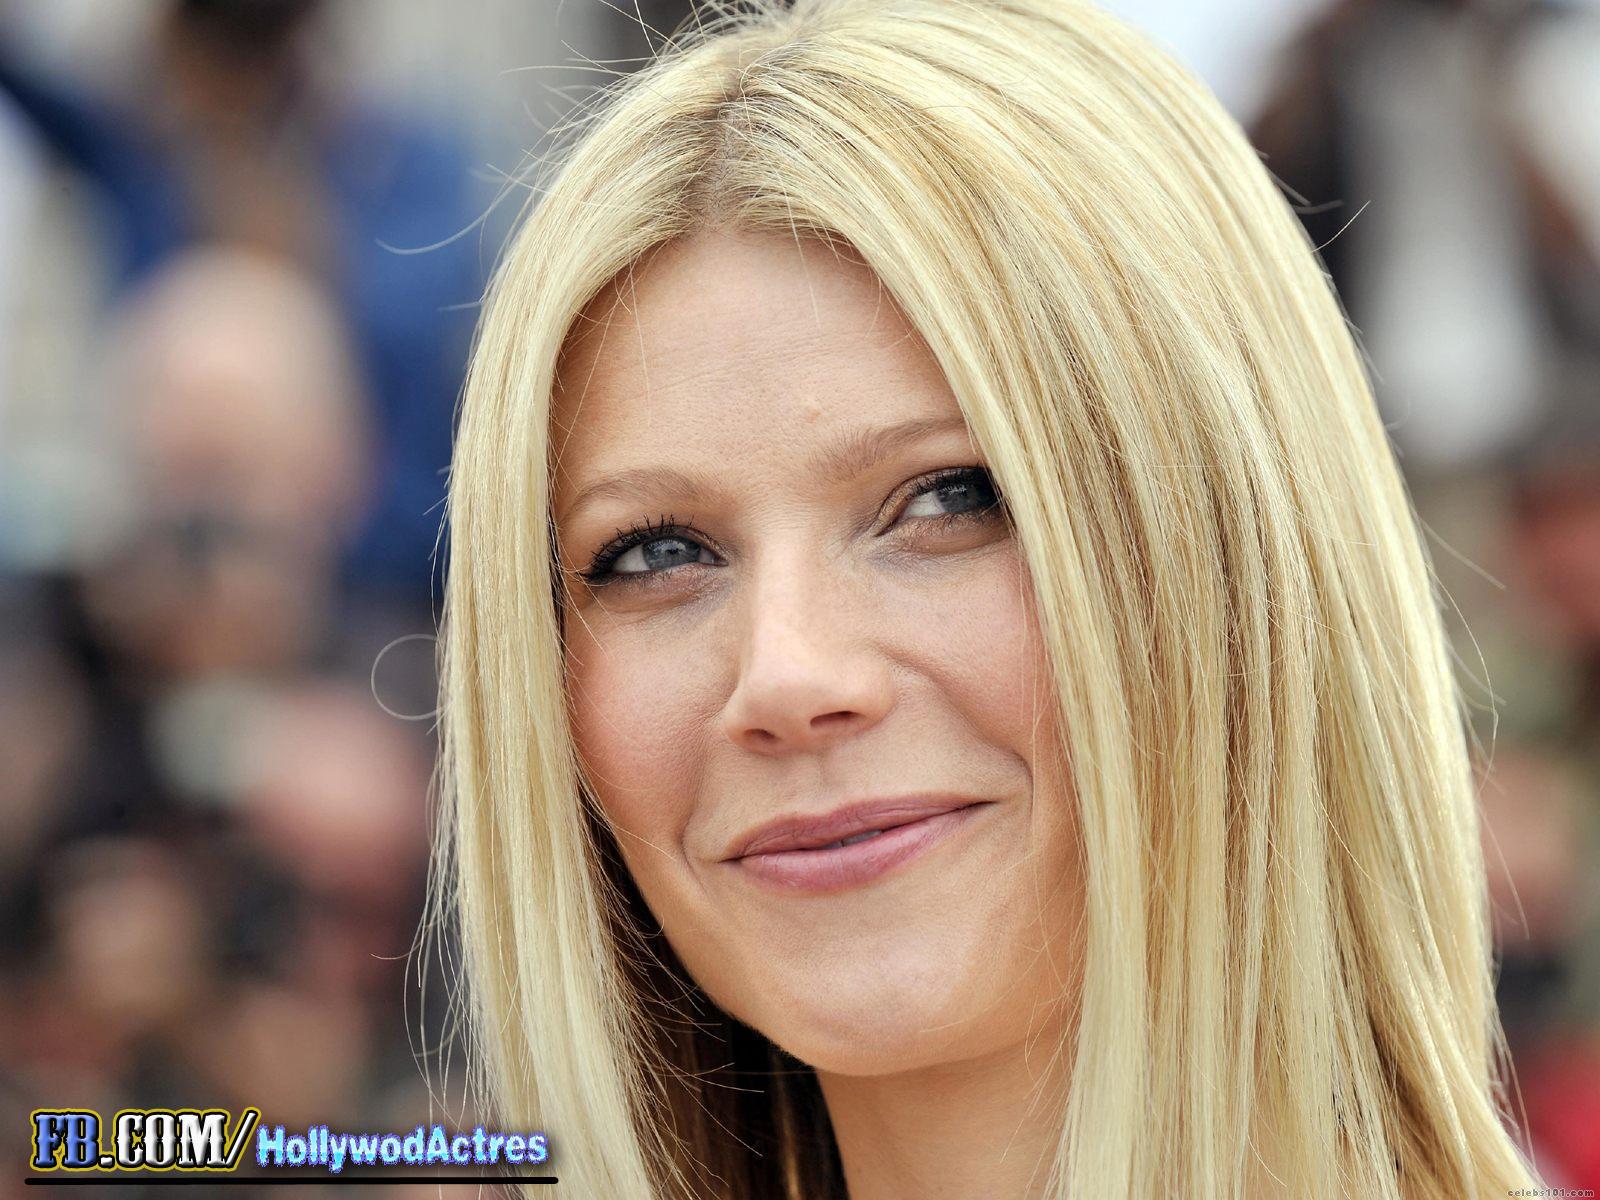 http://2.bp.blogspot.com/-rFwvHvYJpSk/URQBi67Xn5I/AAAAAAAALJE/kjn1screyAM/s1600/Gwyneth+Paltrow+16.jpg